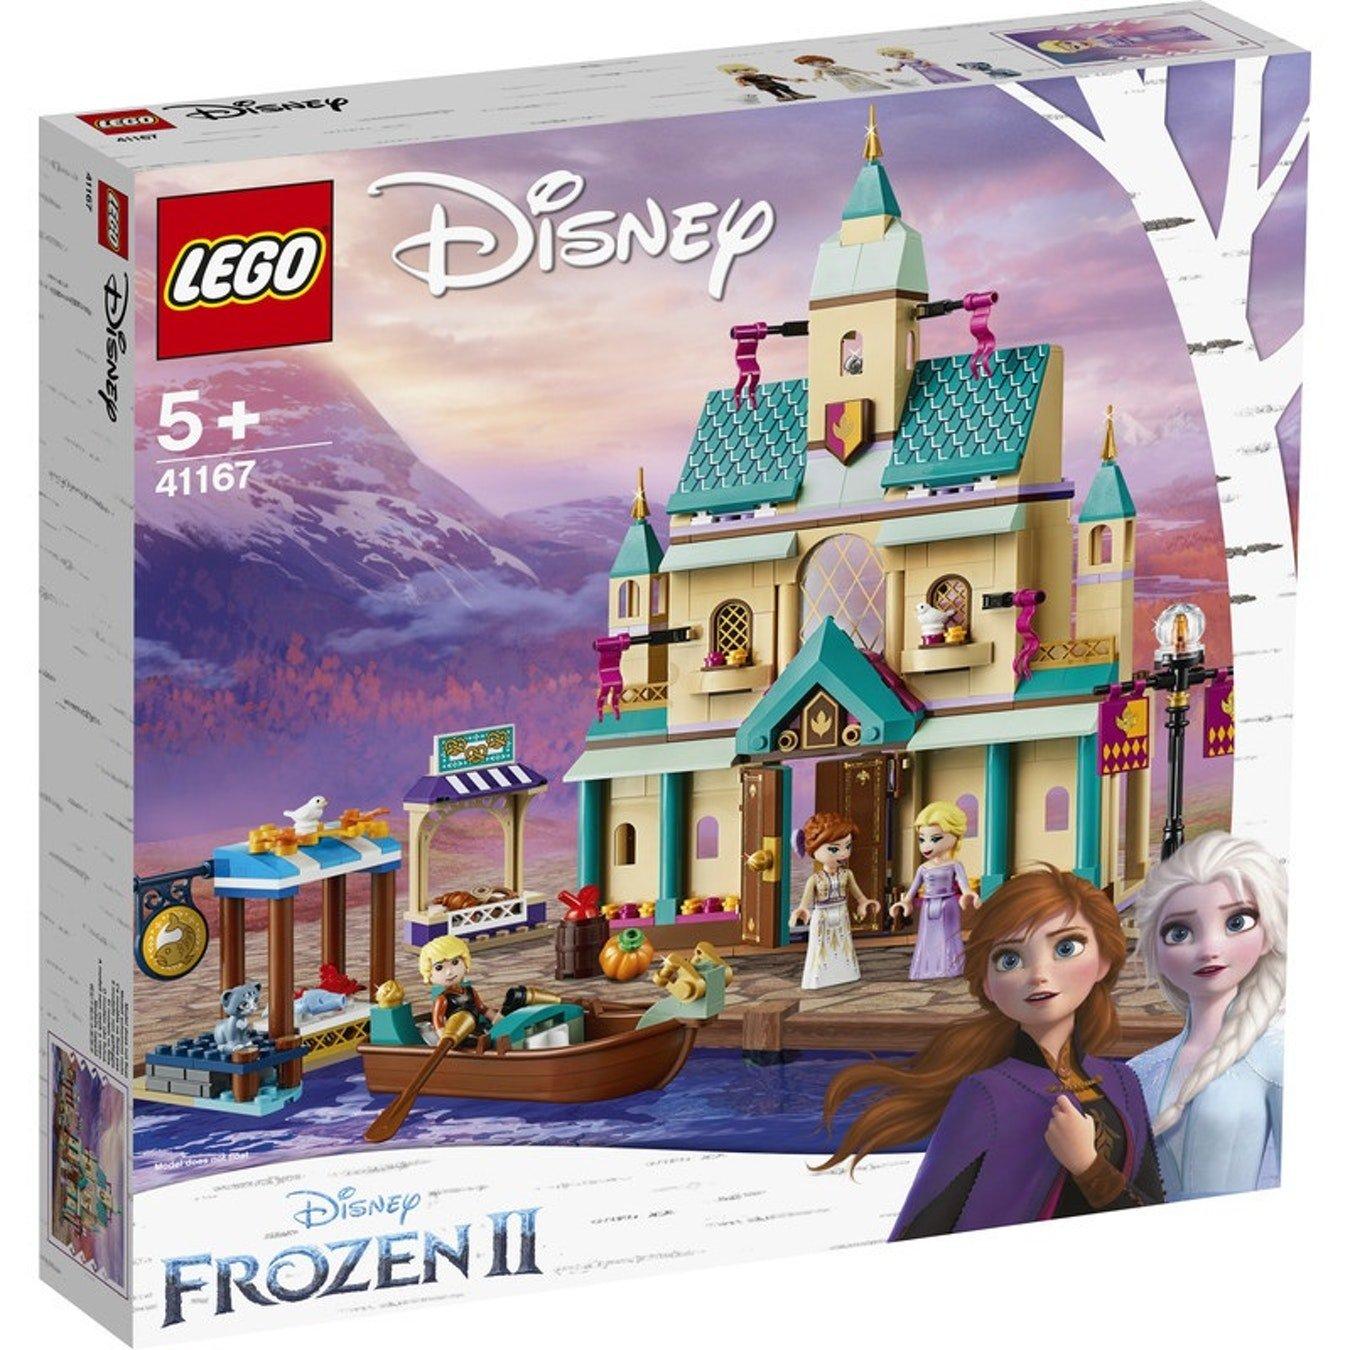 LEGO - Disney Frozen - Arendelle Castle Village (41167)